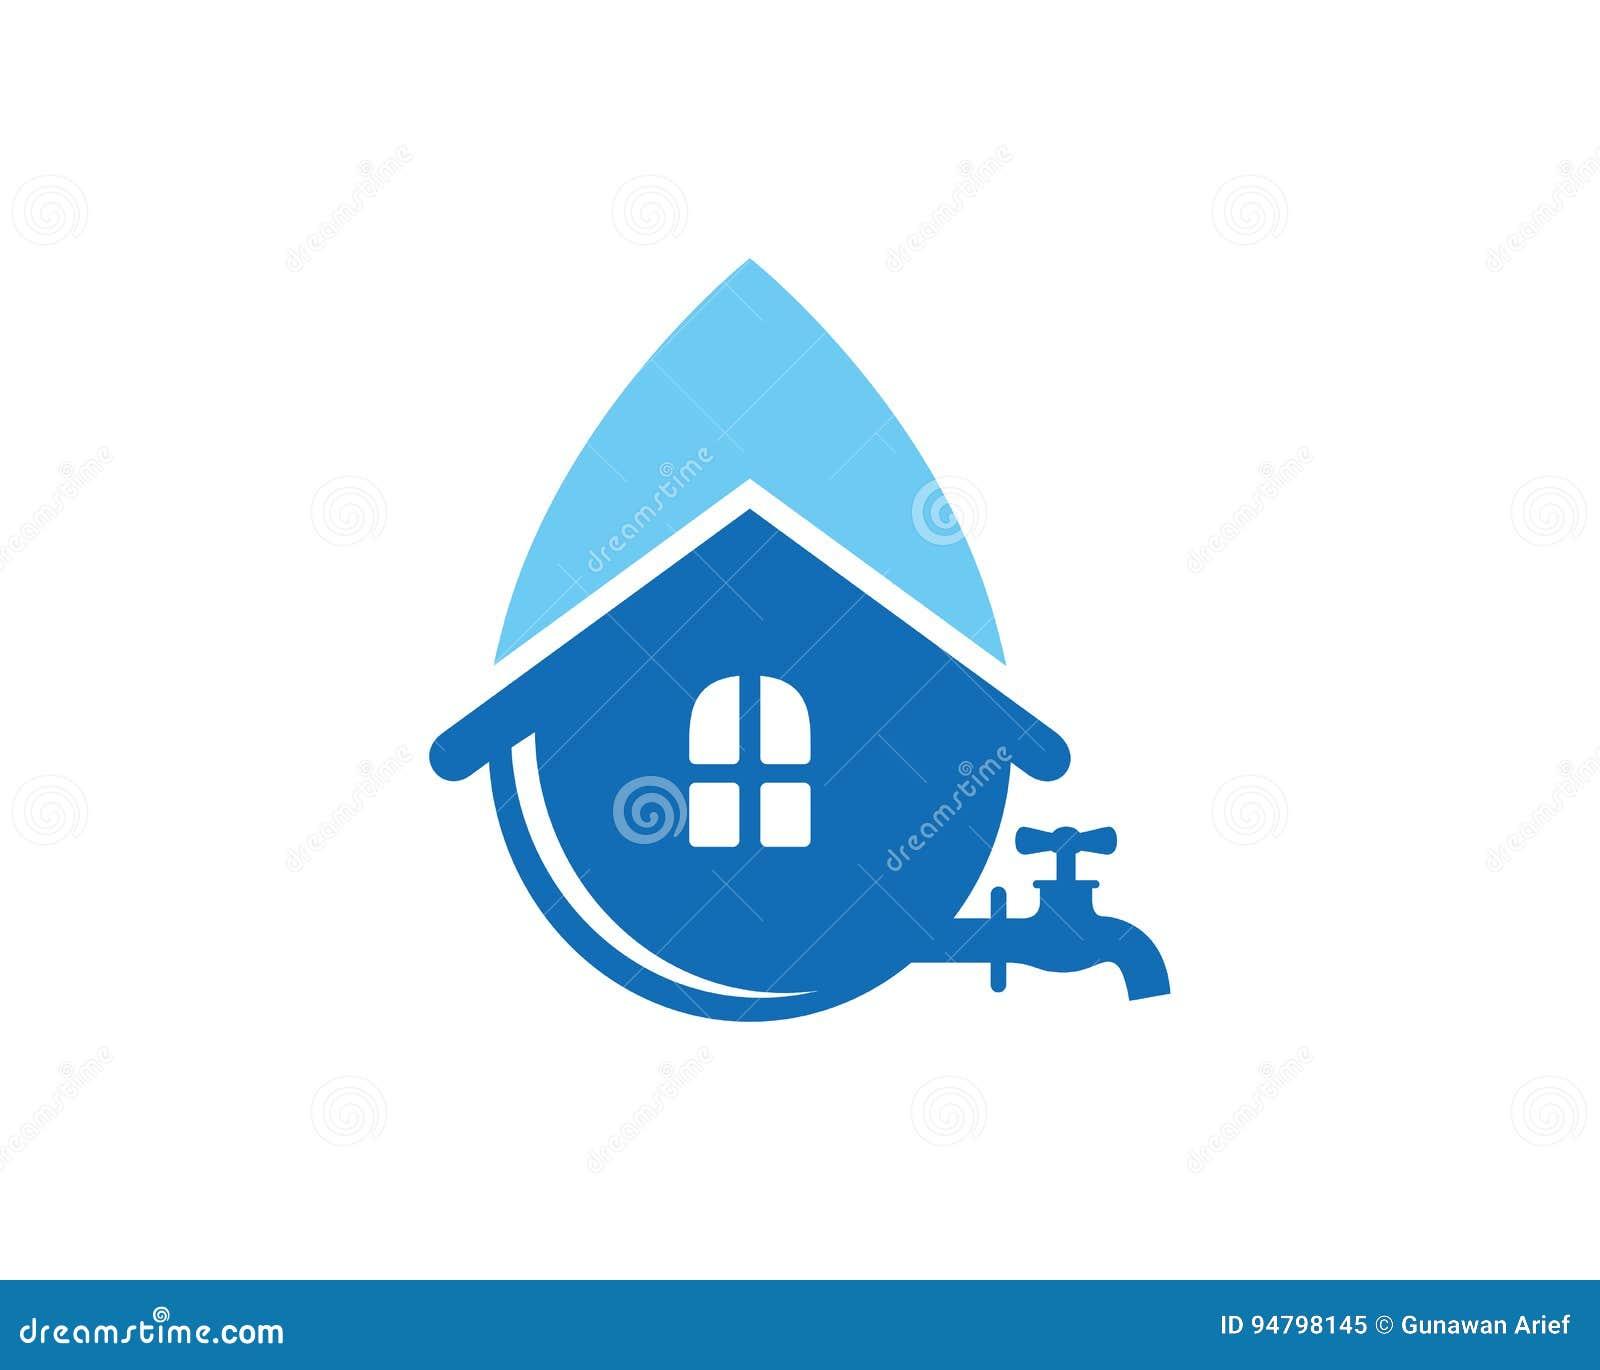 Water house logo template design vector emblem design for House logo design free